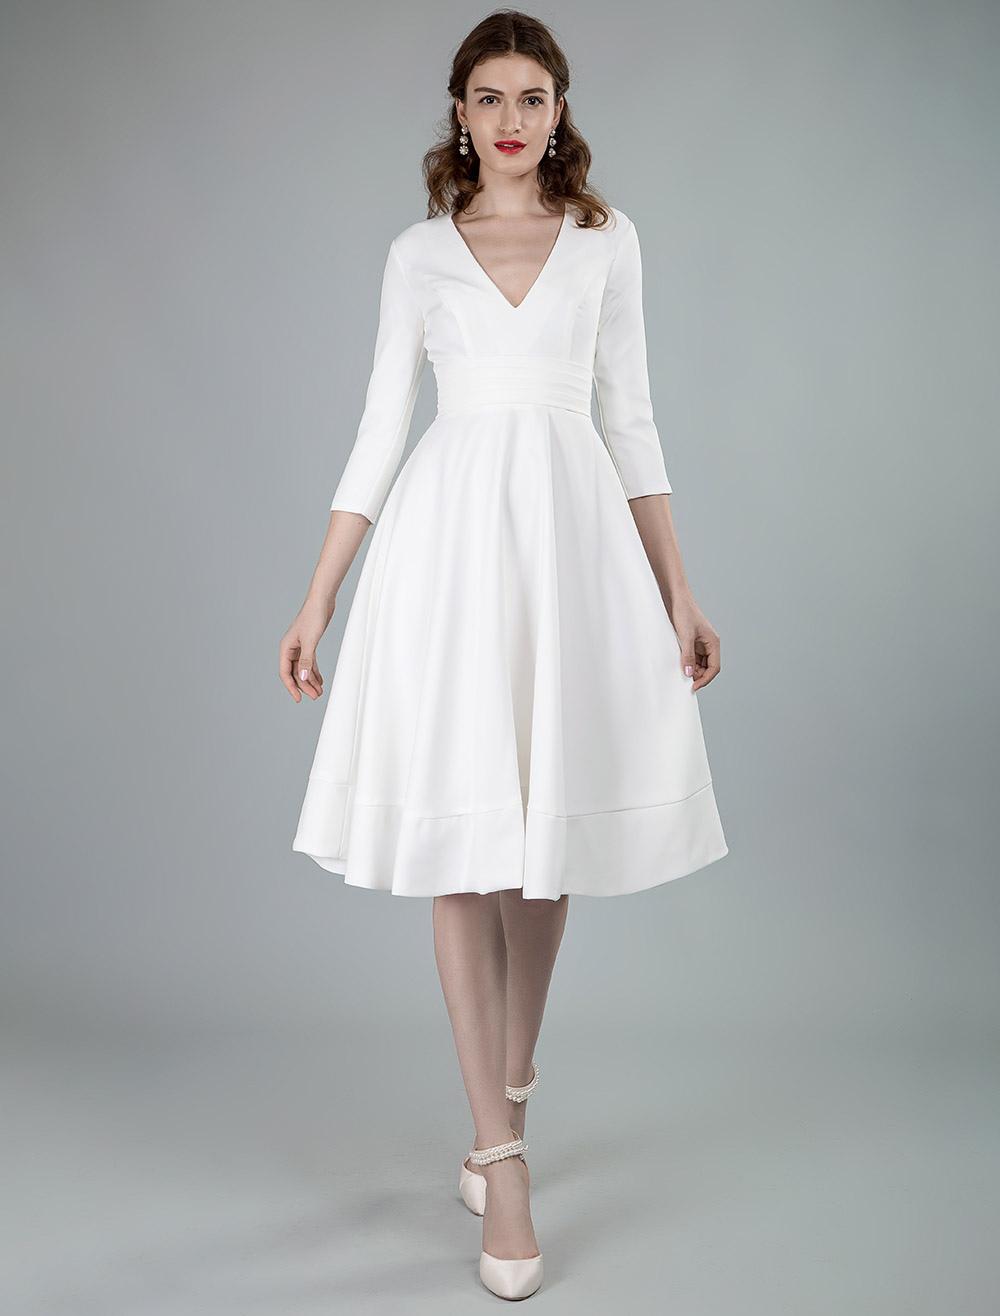 Short Wedding Dresses V Neck 3 4 Length Sleeves A Line Knee Length Bridal Dress Milanoo Com